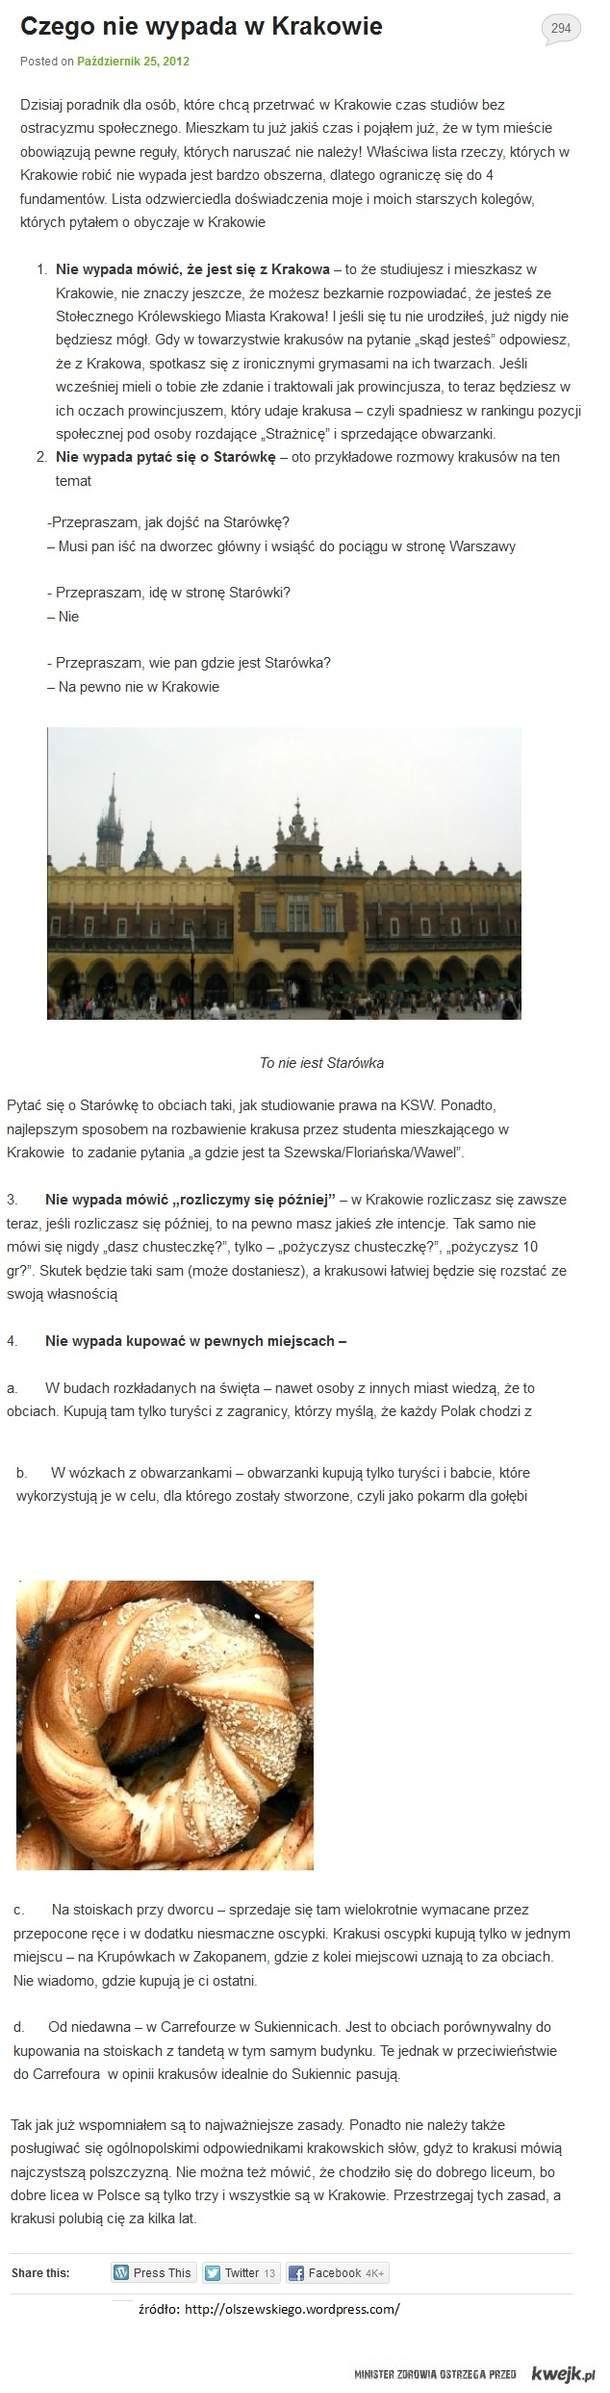 Czego nie wypada w Krakowie